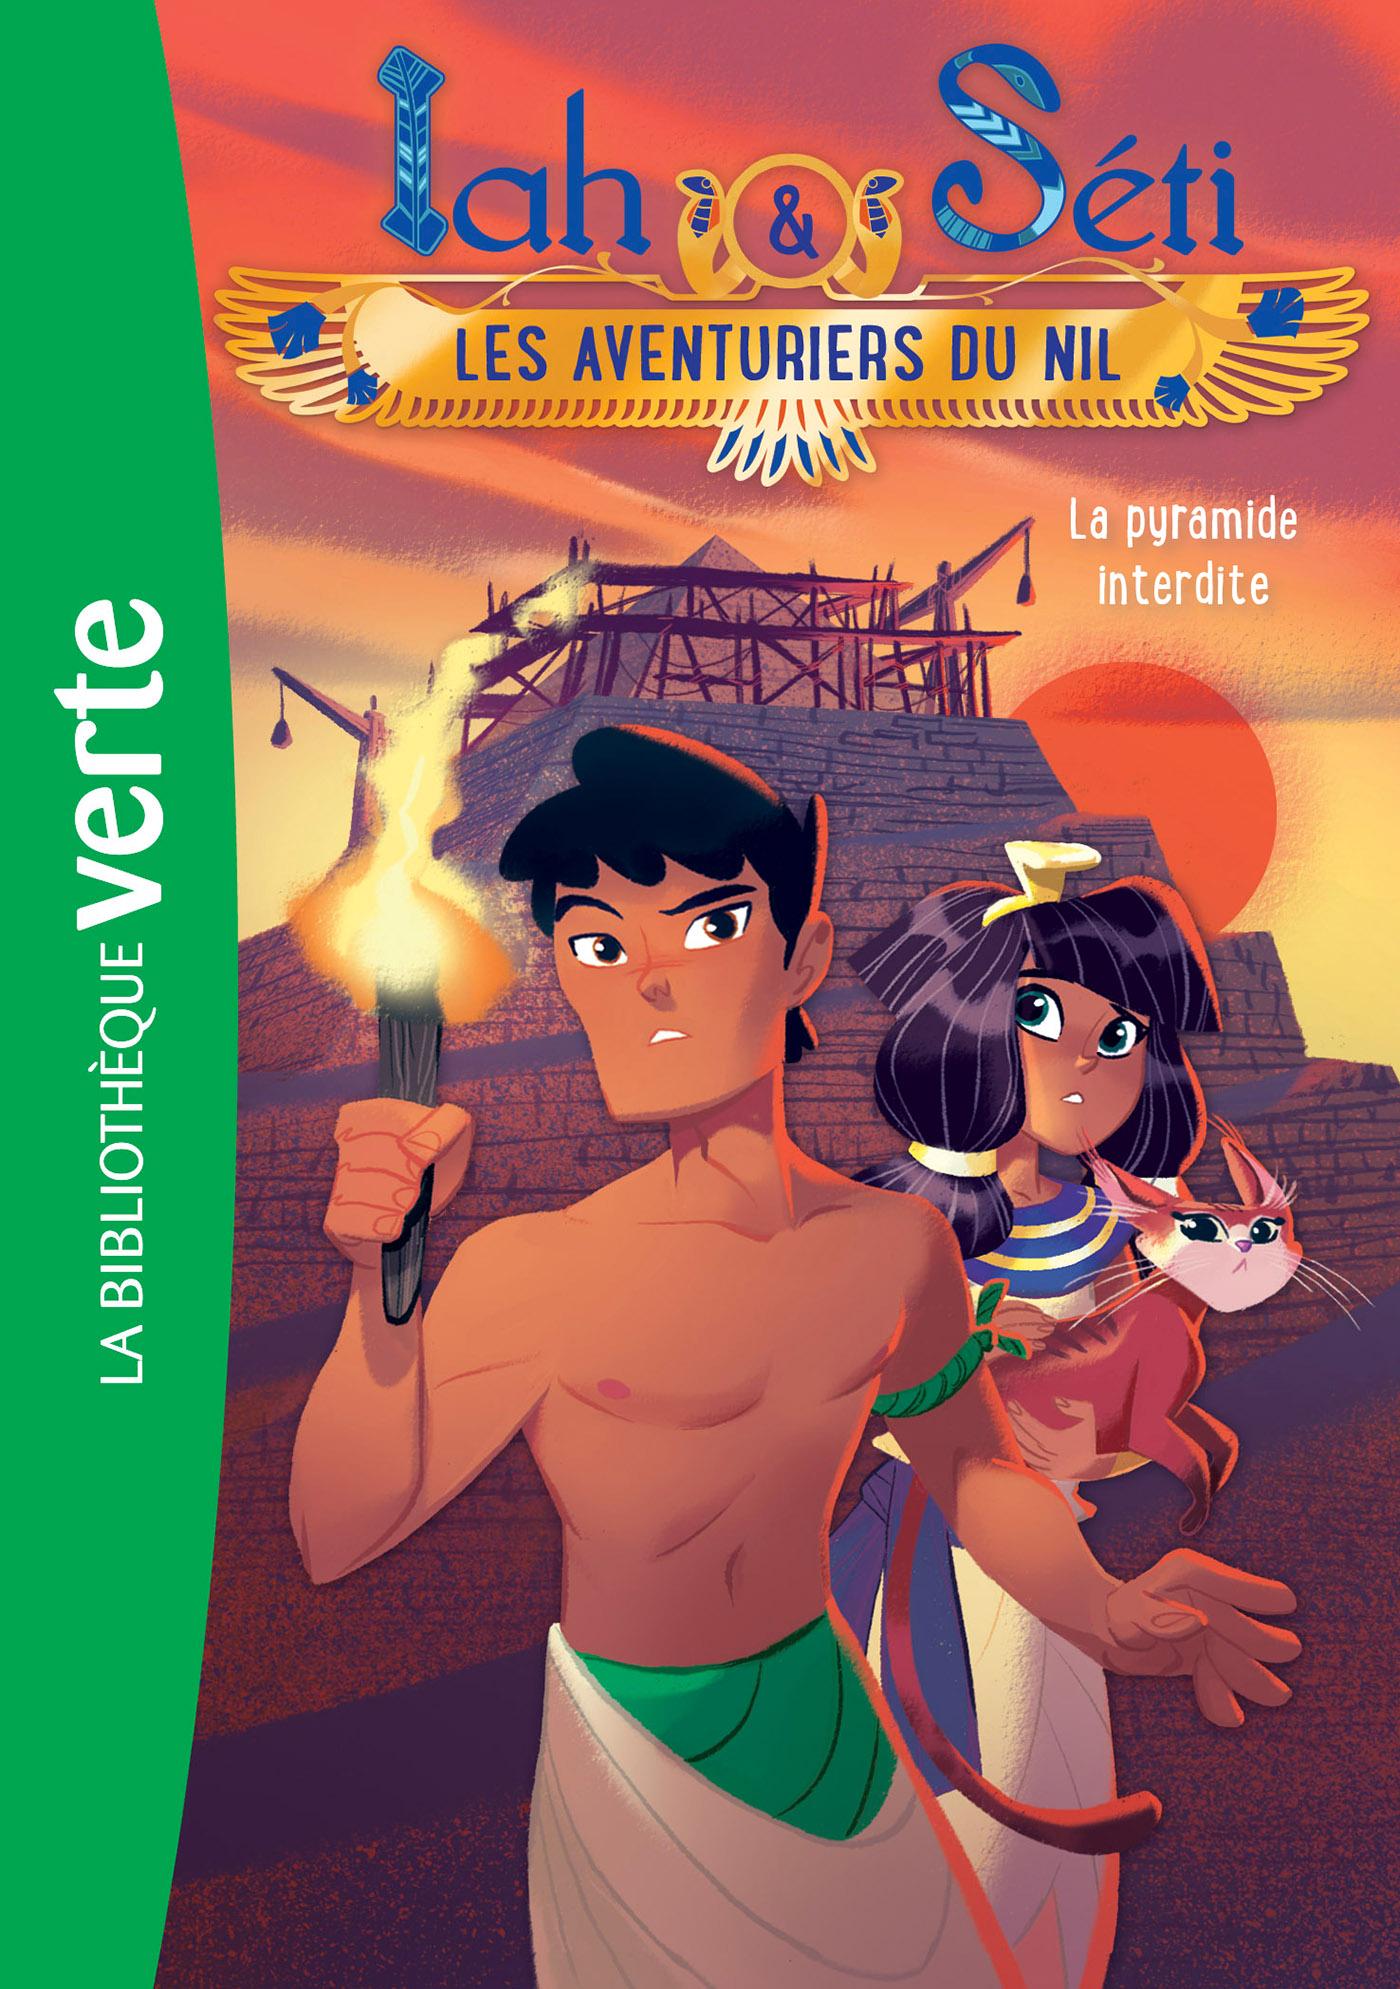 Iah et S?ti, les aventuriers du Nil 02 - La pyramide interdite